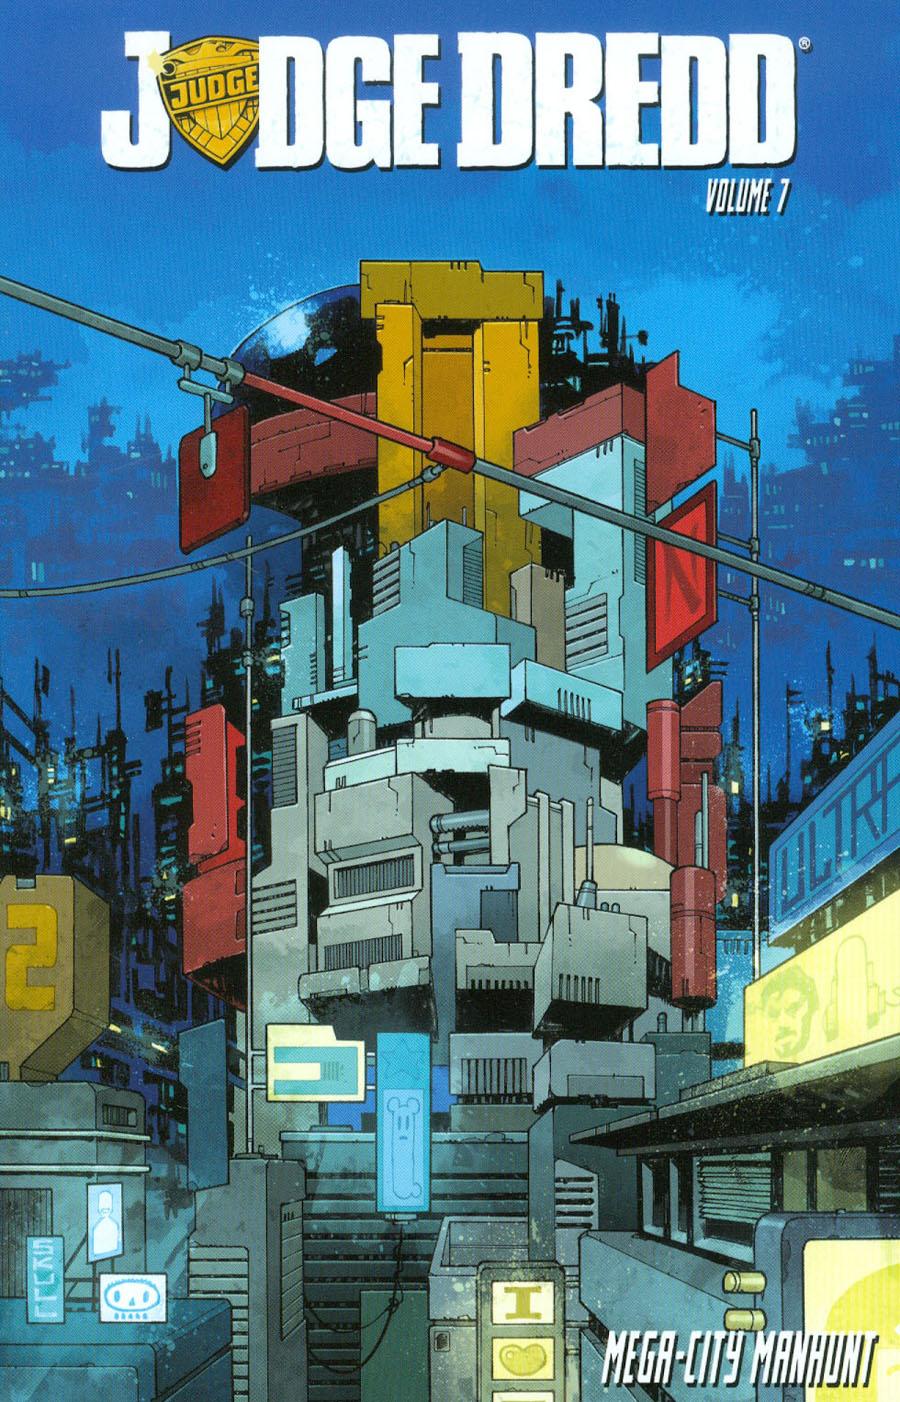 Judge Dredd Vol 7 Mega-City Manhunt TP